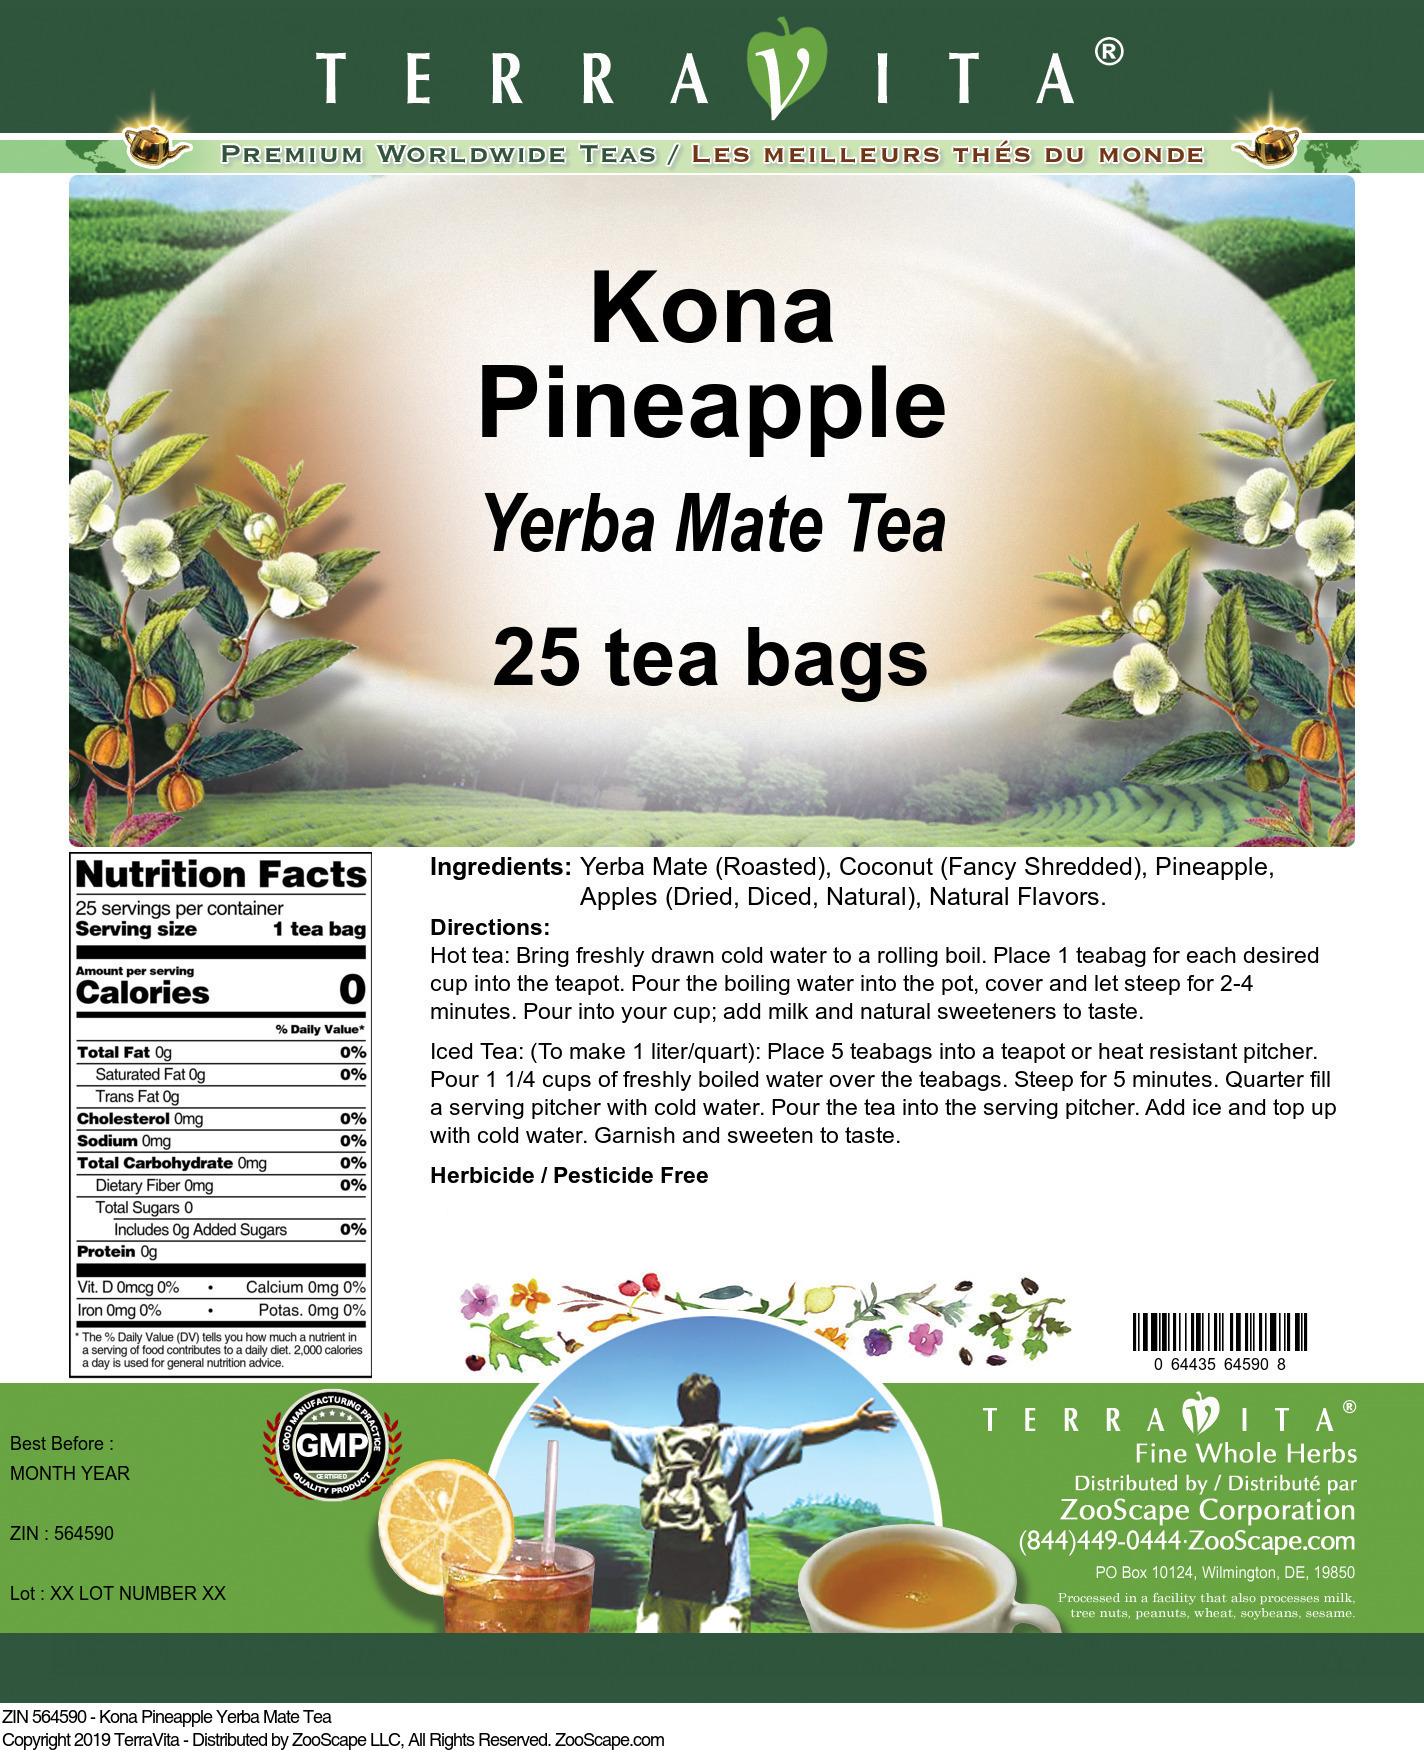 Kona Pineapple Yerba Mate Tea